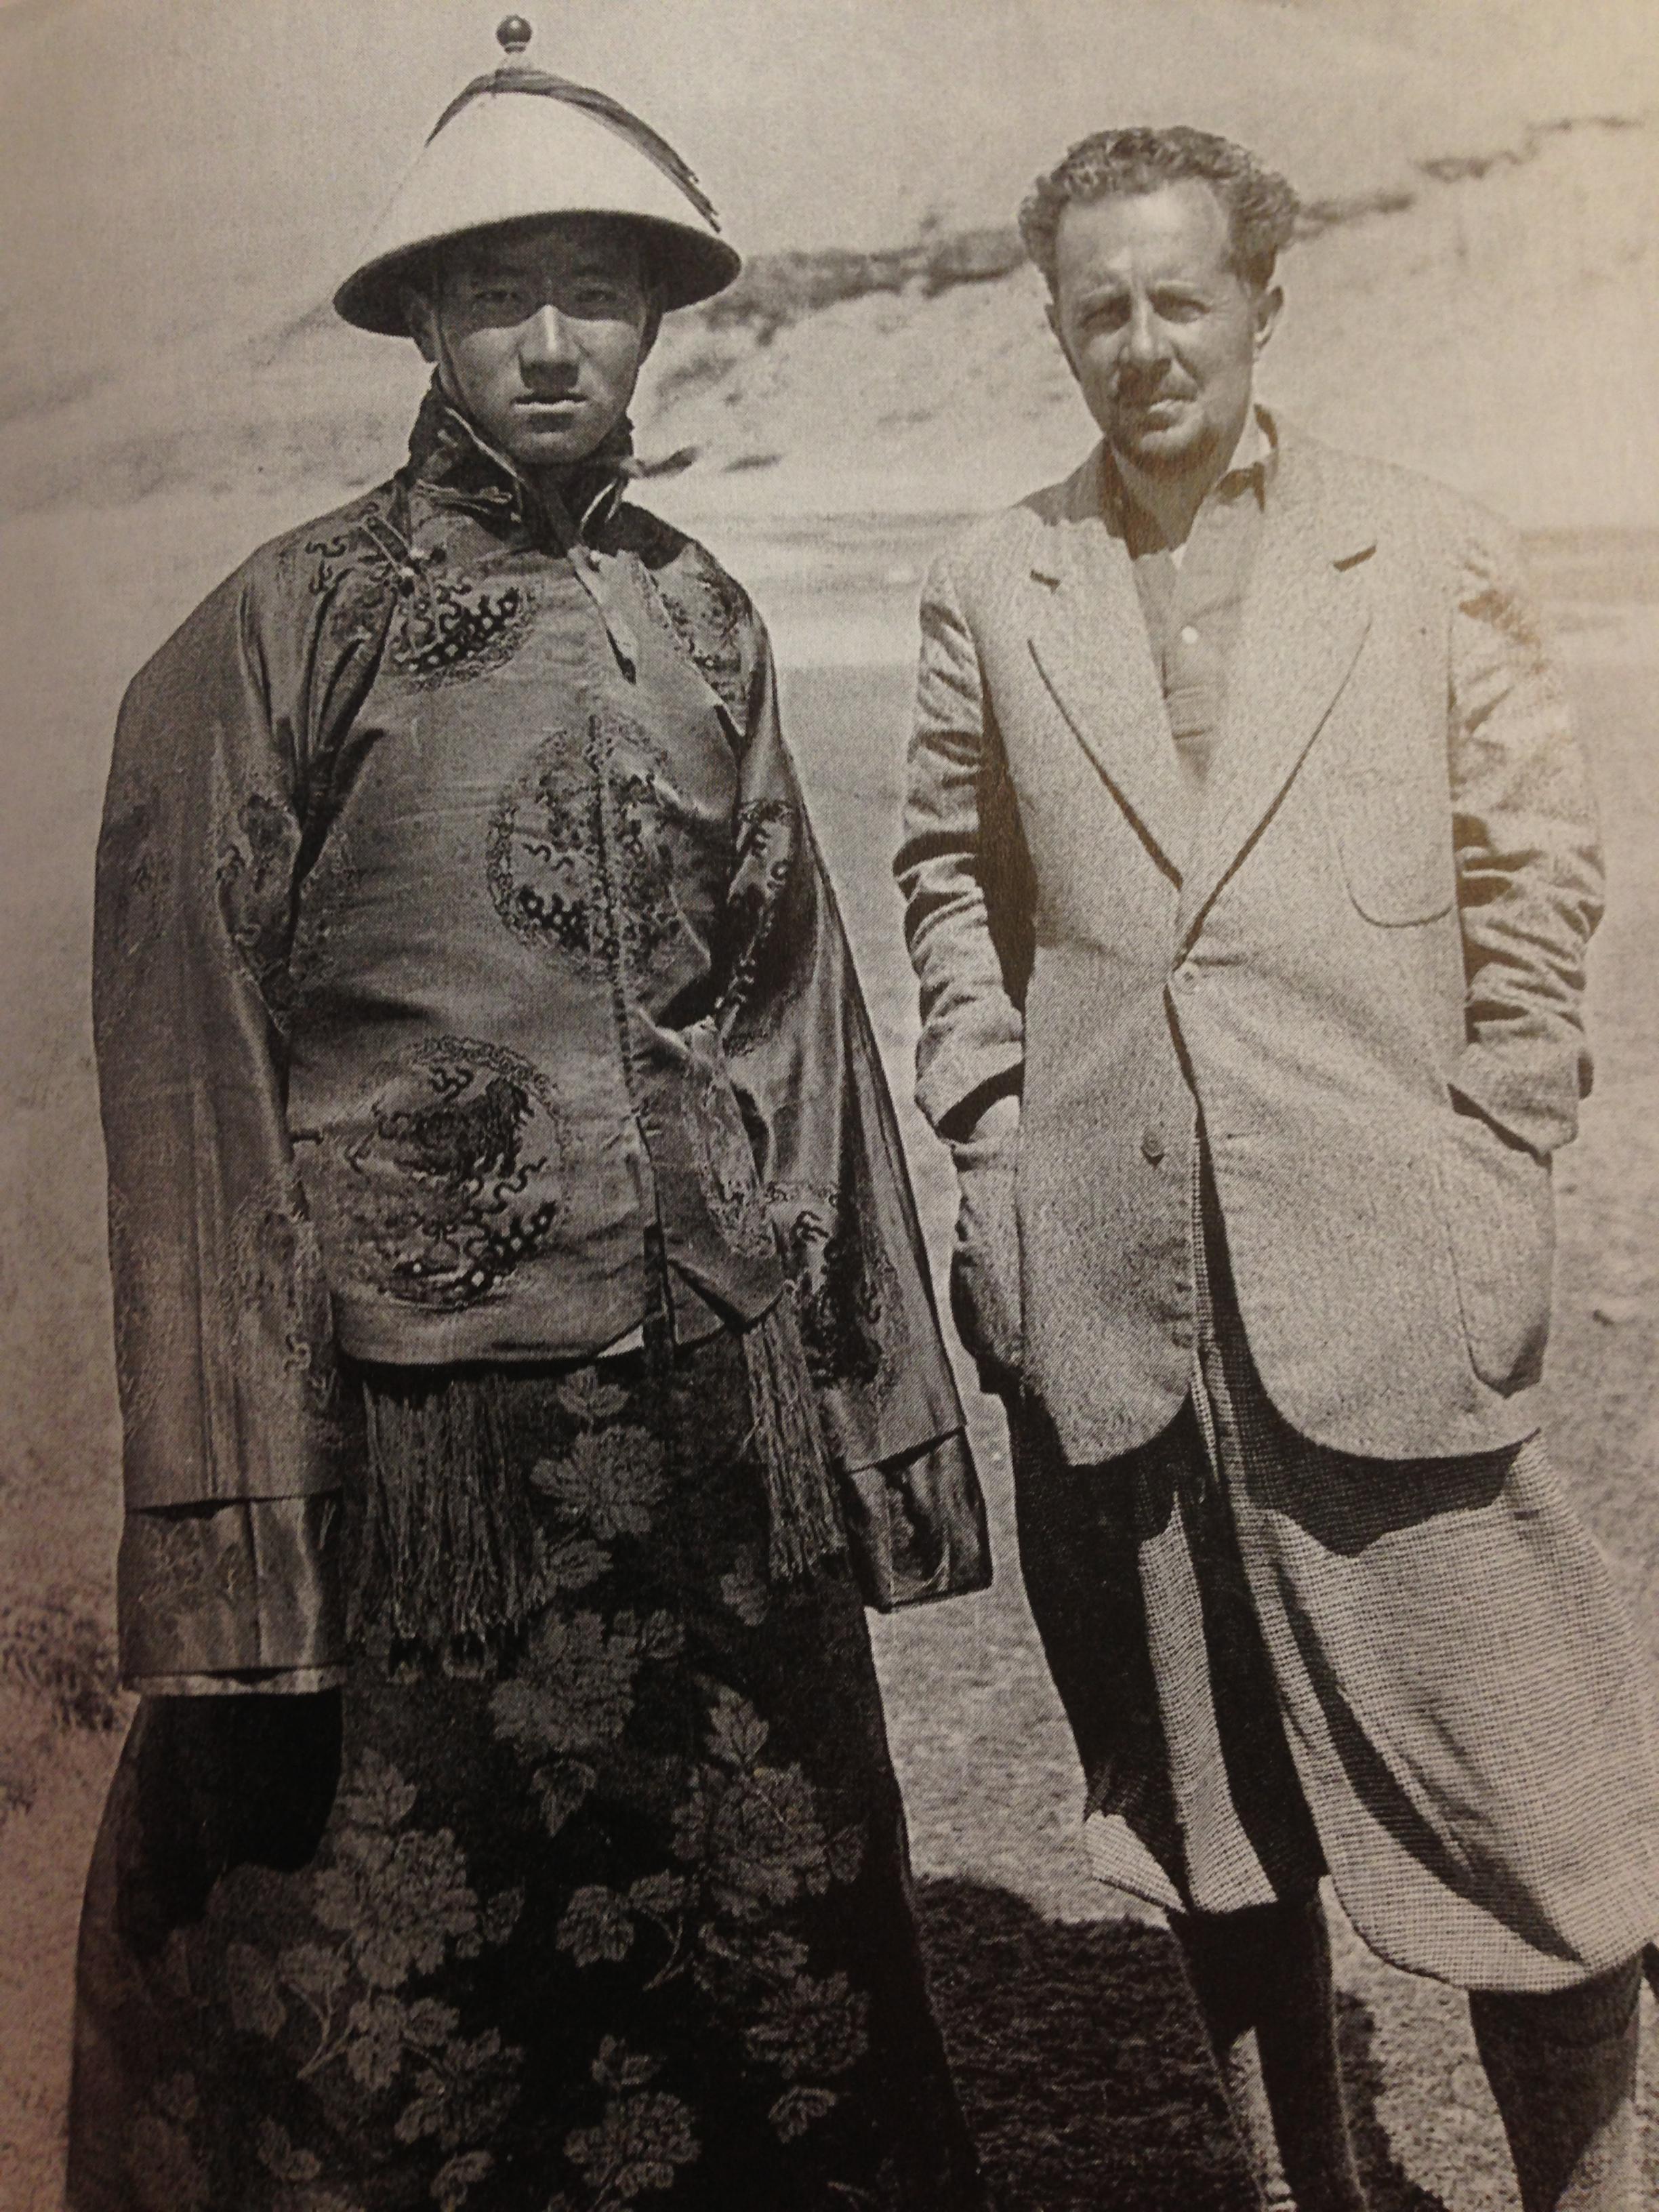 Alla scoperta del tibet museo orientale pro loco di - Immagini del cardellino orientale ...